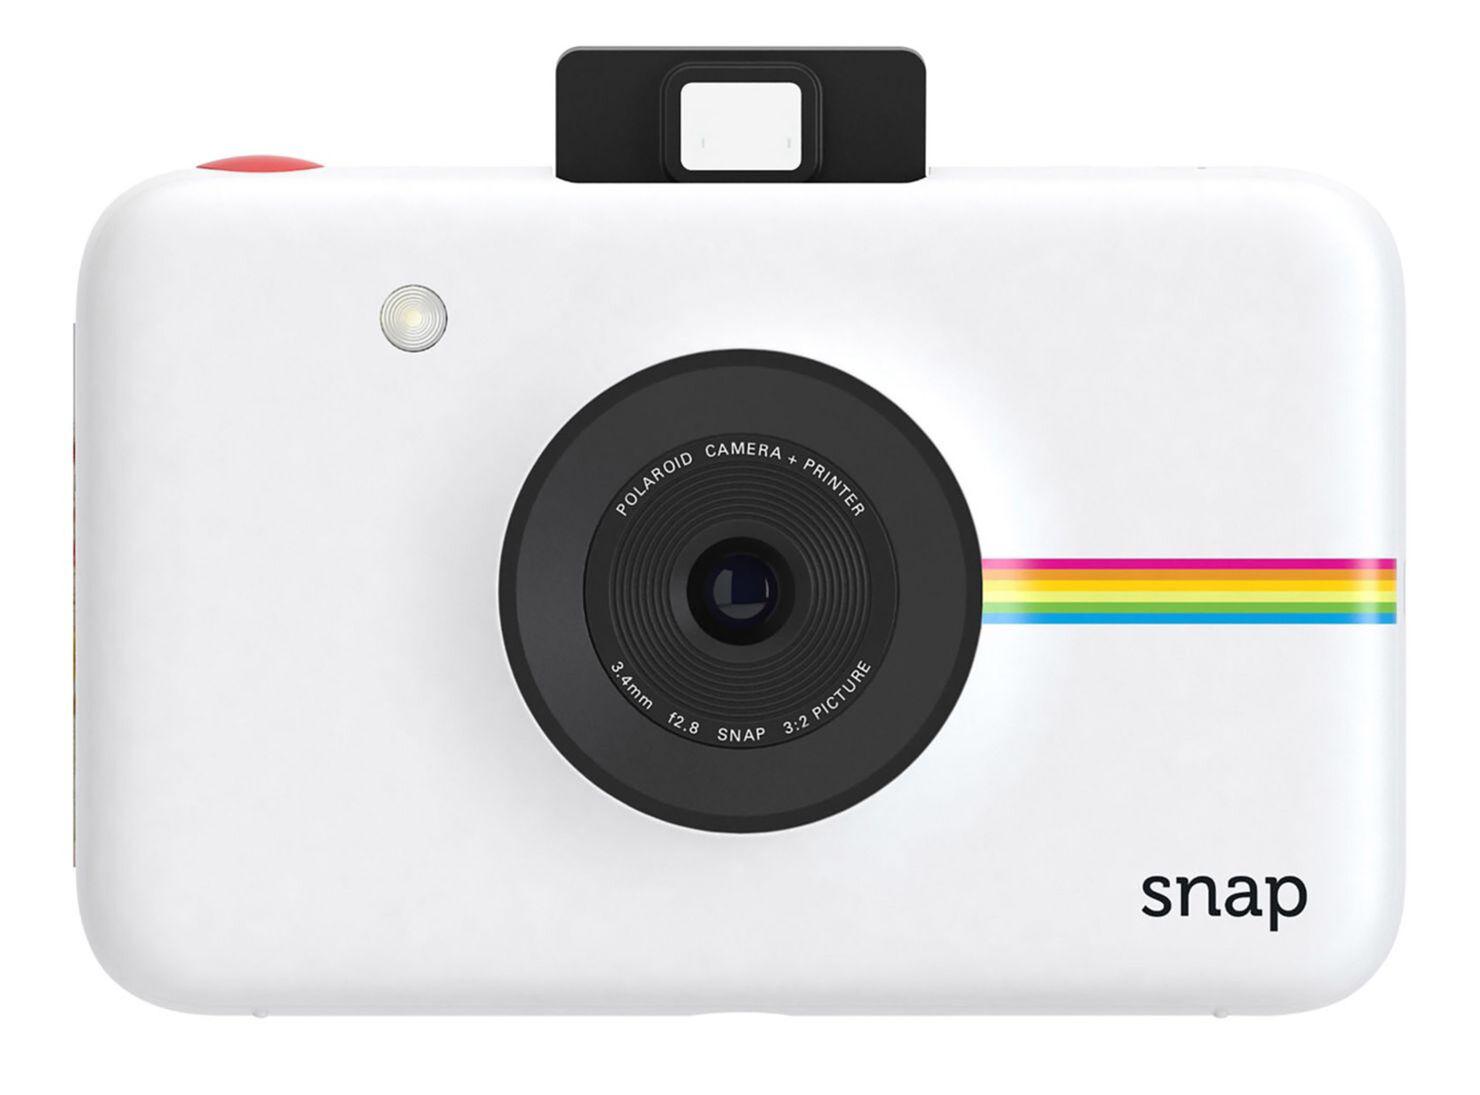 051d2fa520 Cámara Polaroid Snap Blanca en Cámaras Compactas | Paris